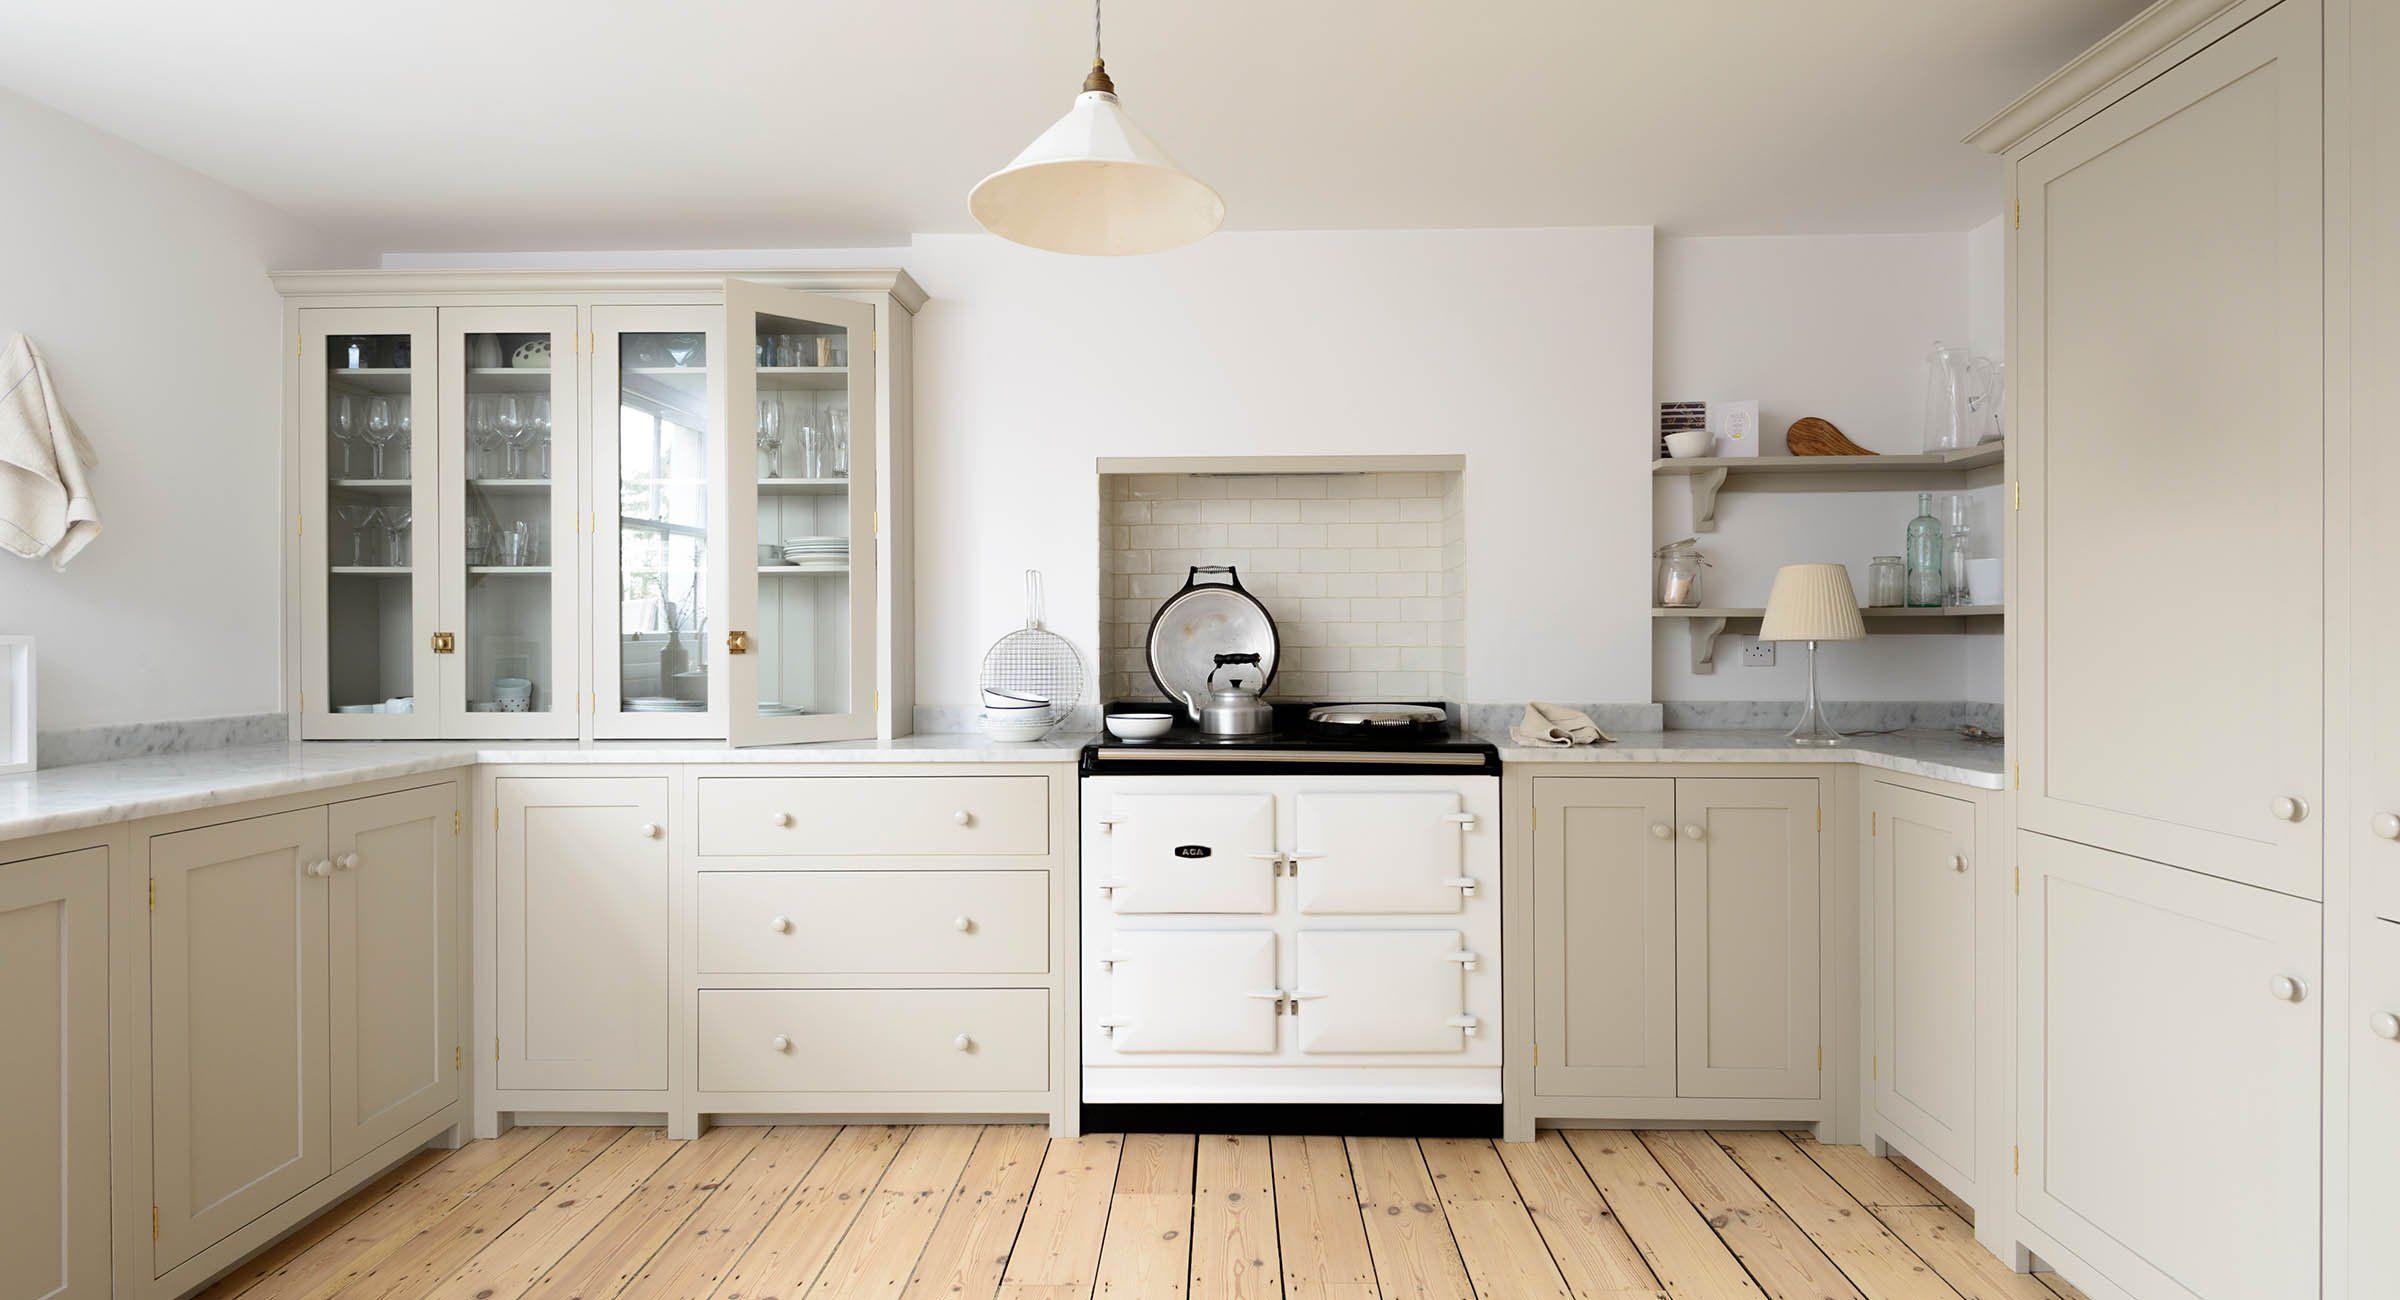 Greige Is The New Beige Kitchen Cabinets Craze Hunker Devol Kitchens Beige Kitchen Cabinets Beige Kitchen